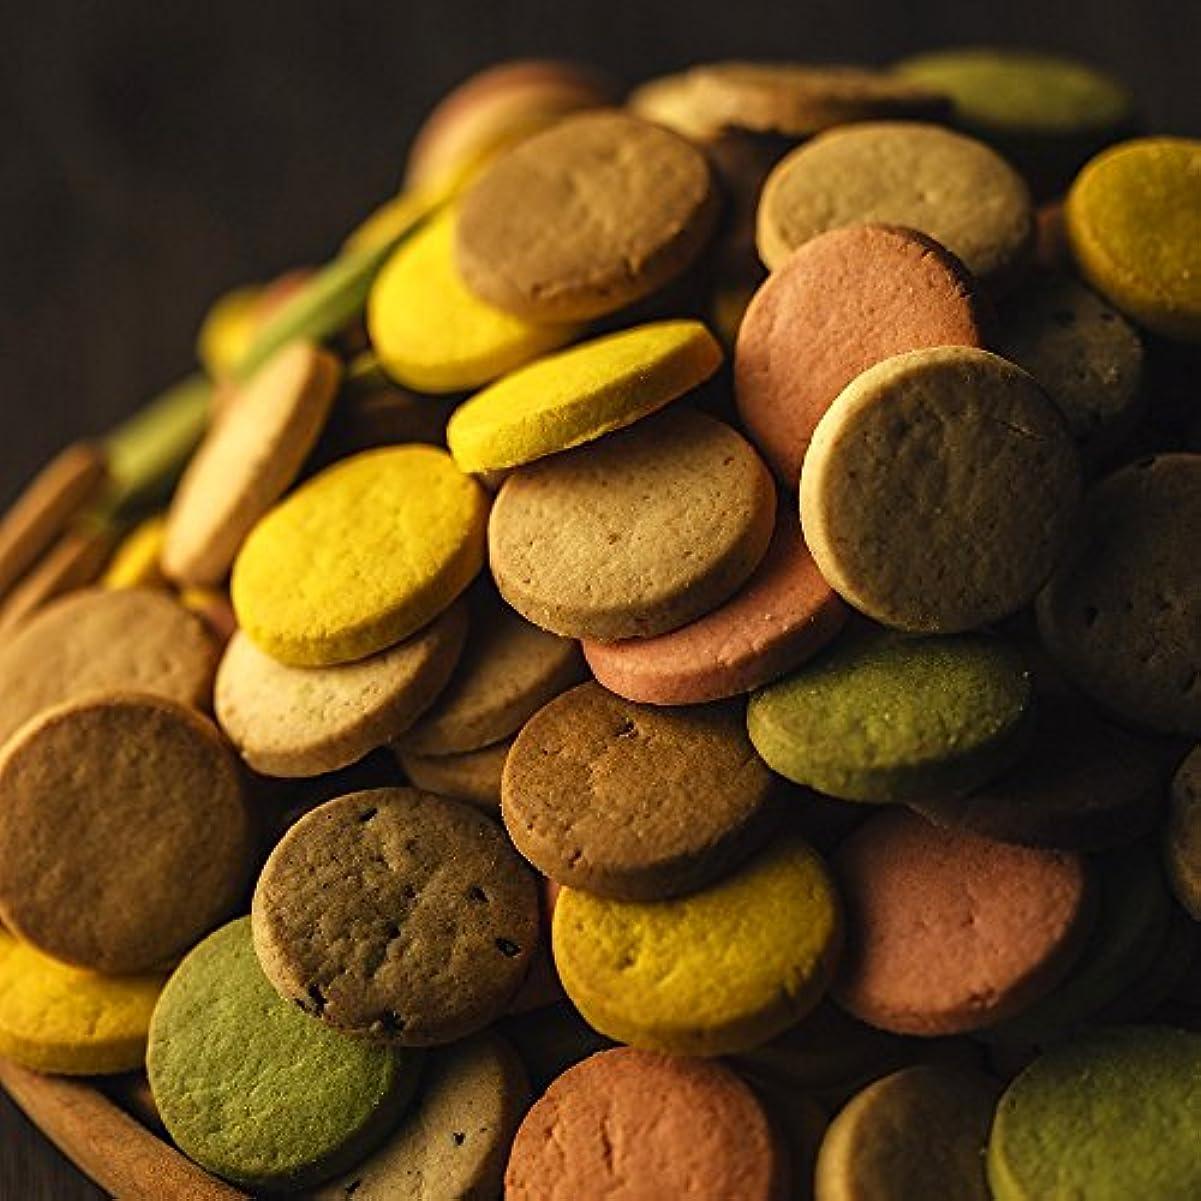 エキスパートパスタ笑豆乳おからクッキー蒟蒻マンナン入り 3kg